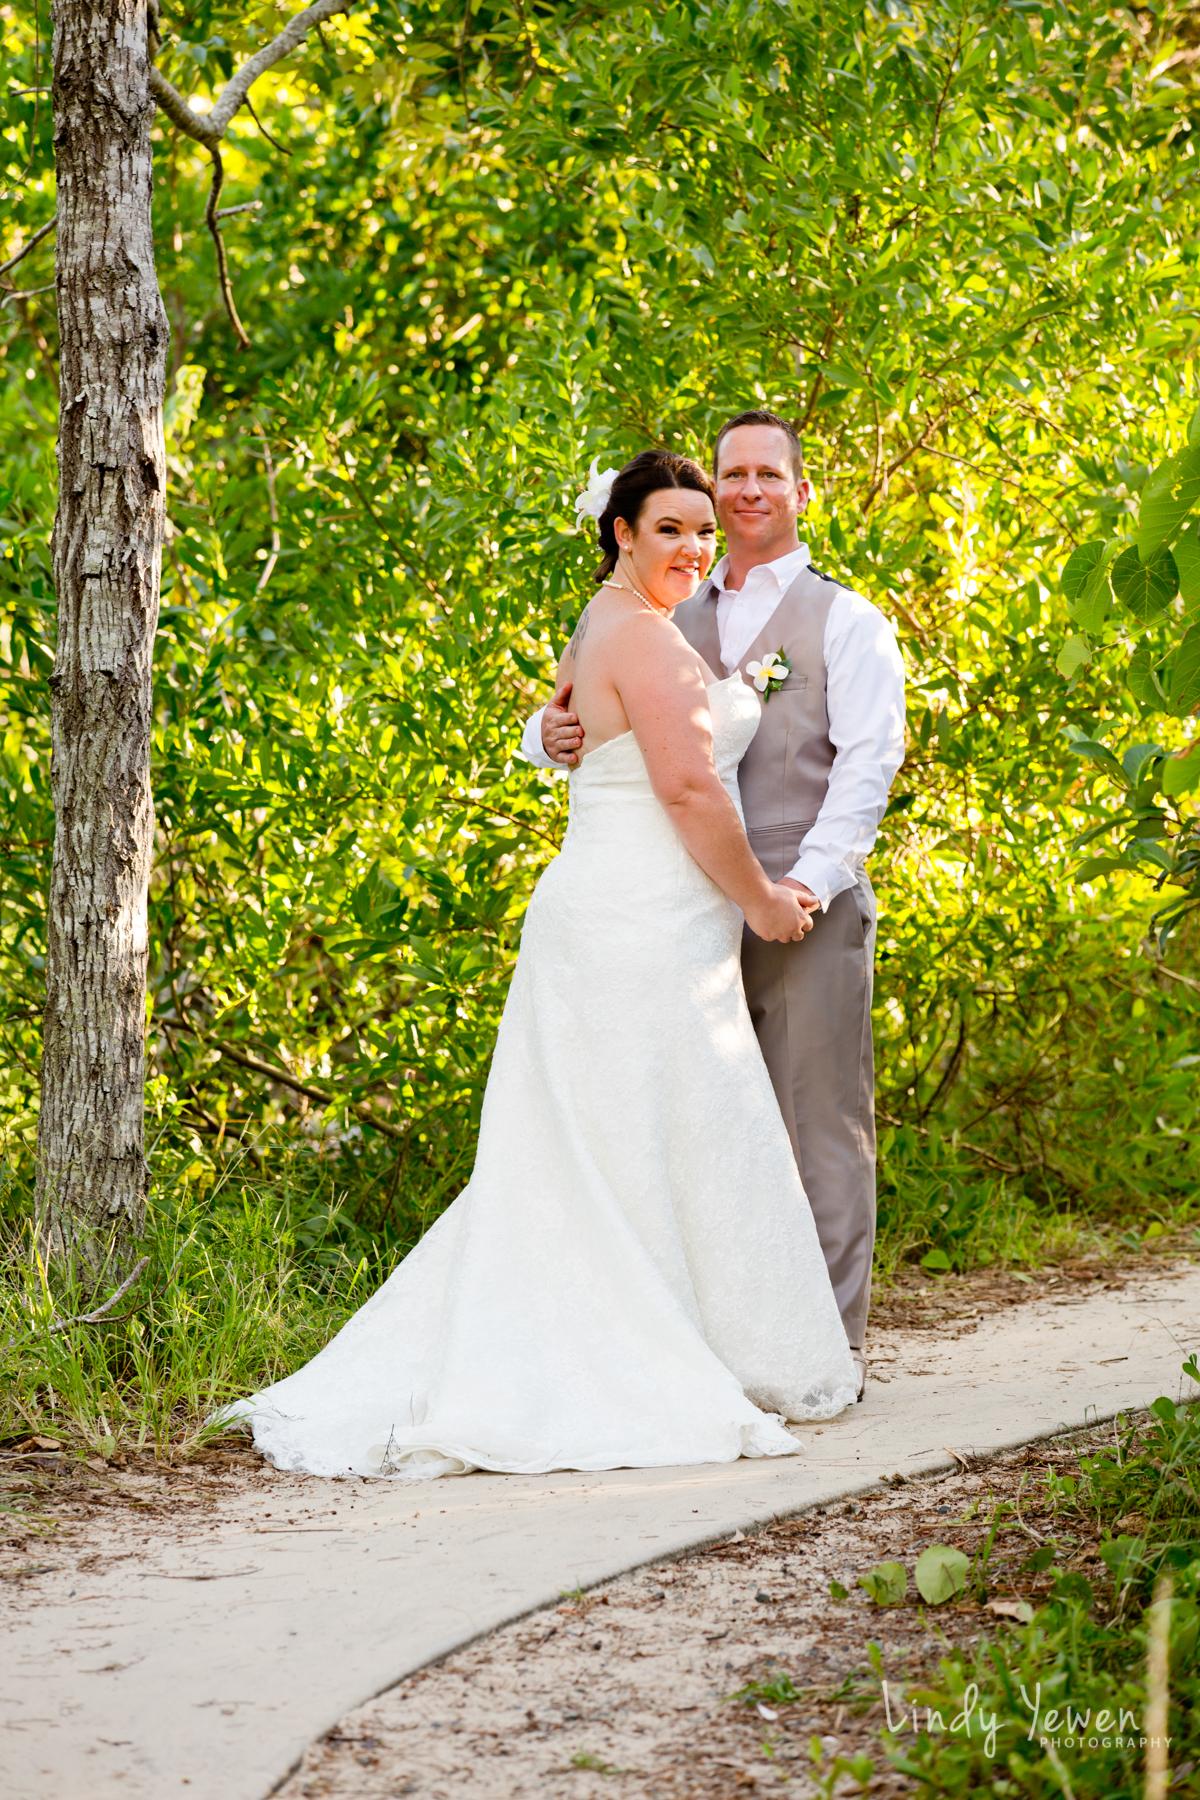 Noosa-Heads-Wedding-Casey-Ian 460.jpg